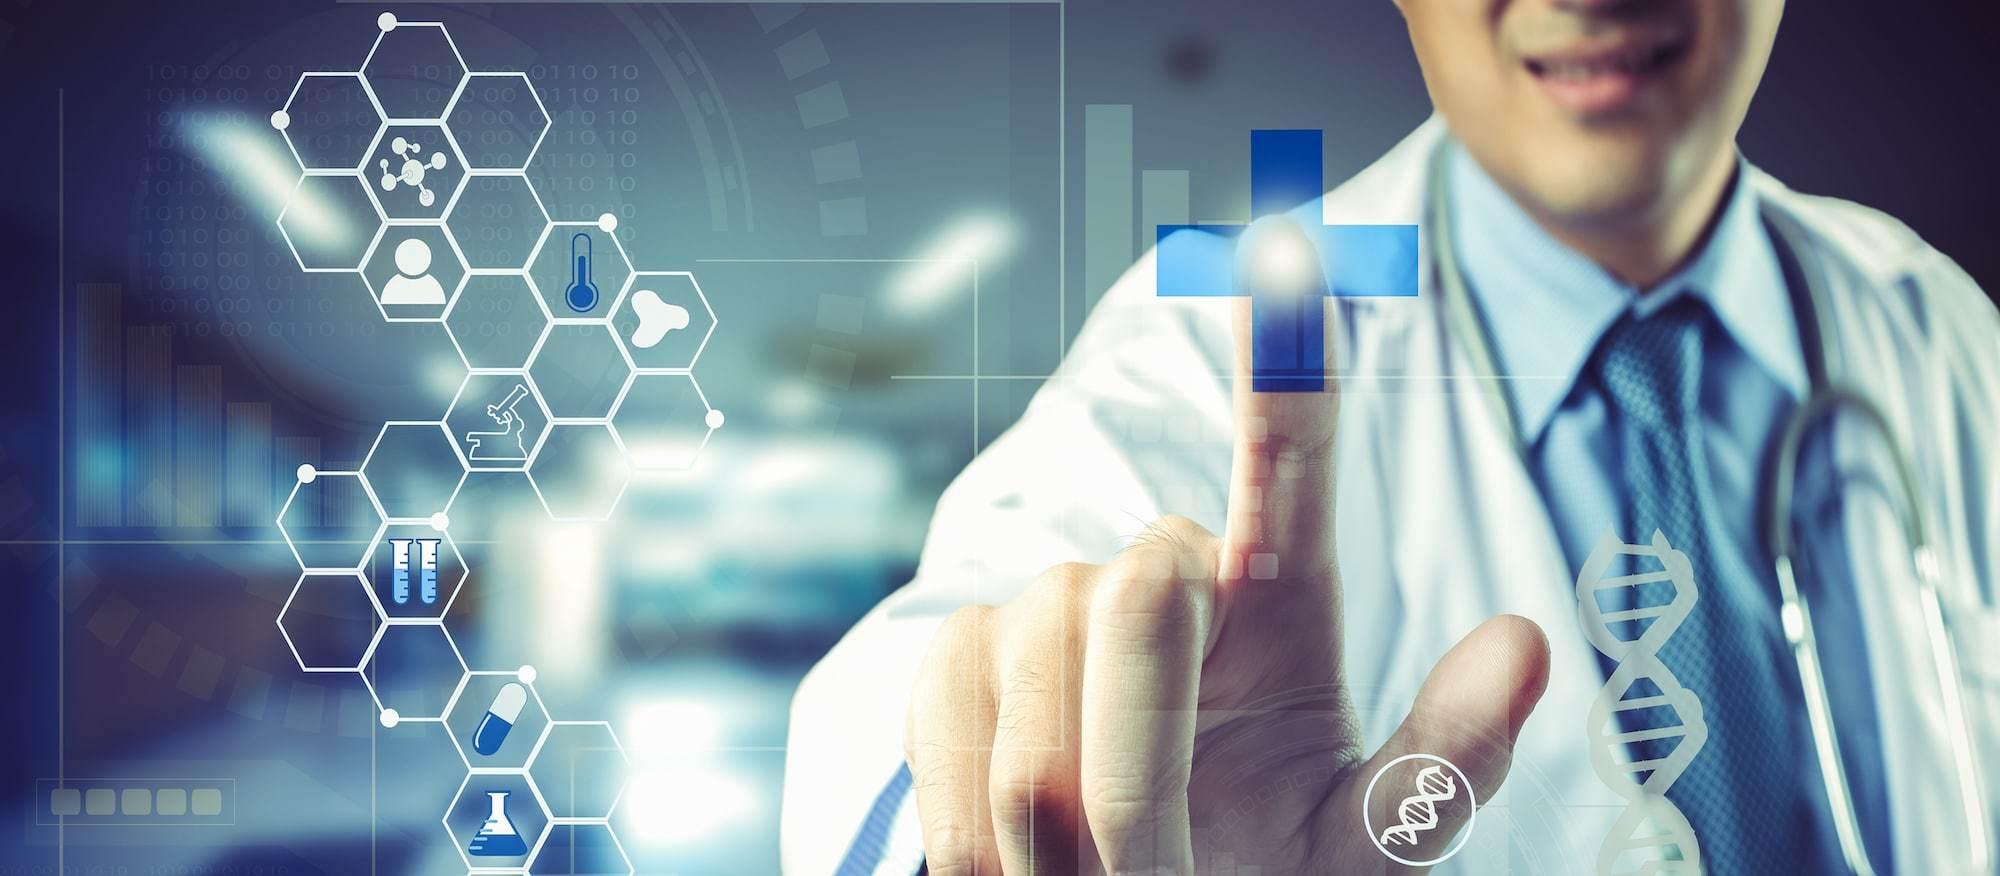 探访亦城创新地标,医学合作创新平台全力解决医疗器械受制于人